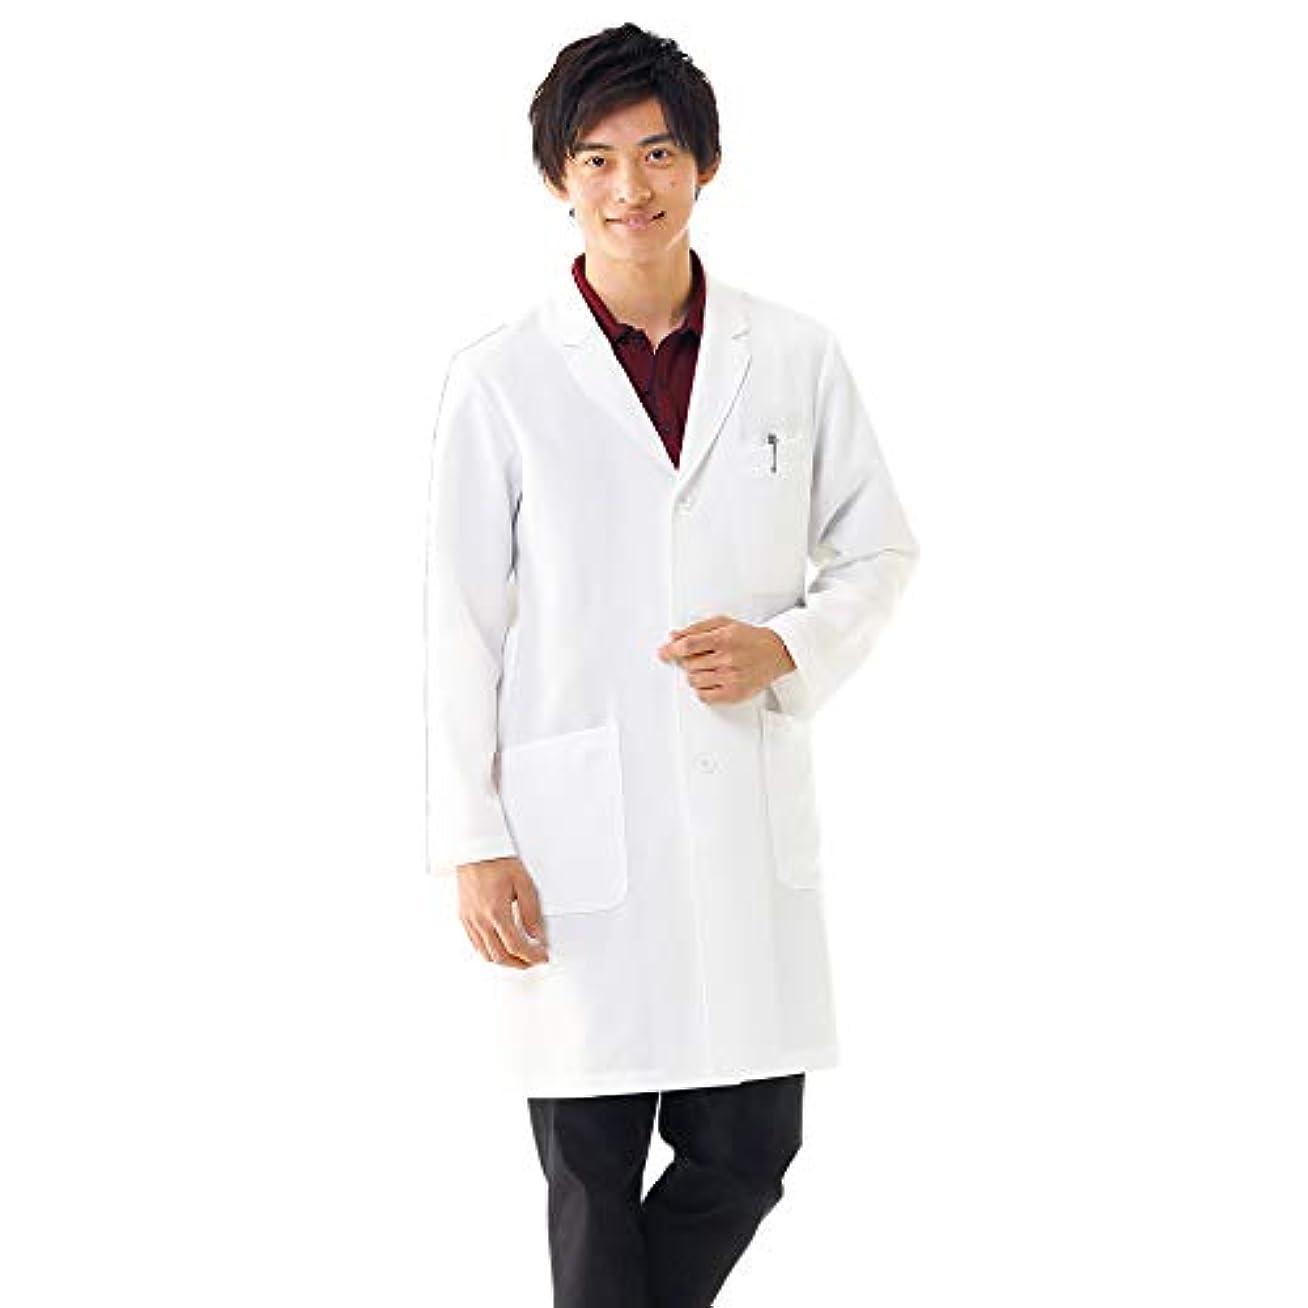 咲く引退する黙認するナースリー デイリードクターコート メンズ シワになりにくい 白衣 実験衣 医師 診察衣 長袖 ポケット付き 医療